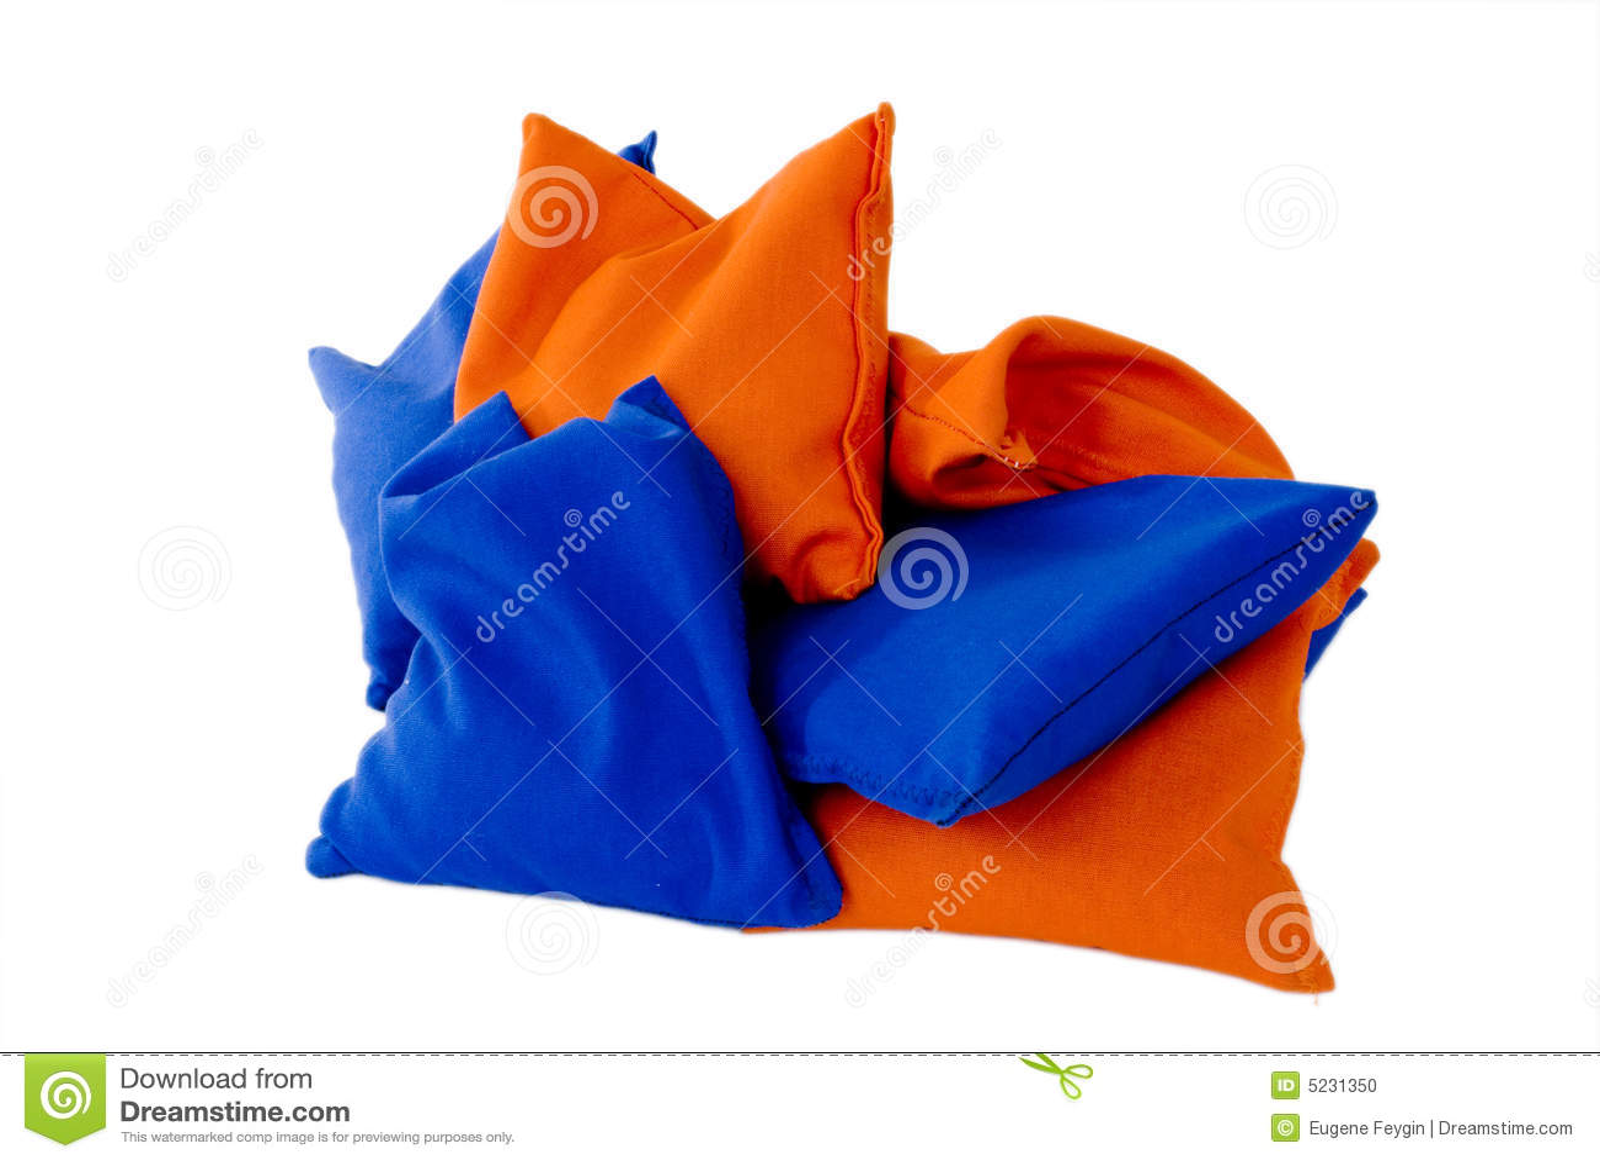 Des Sacs Oranges : Sacs de sable oranges et bleus photo stock image